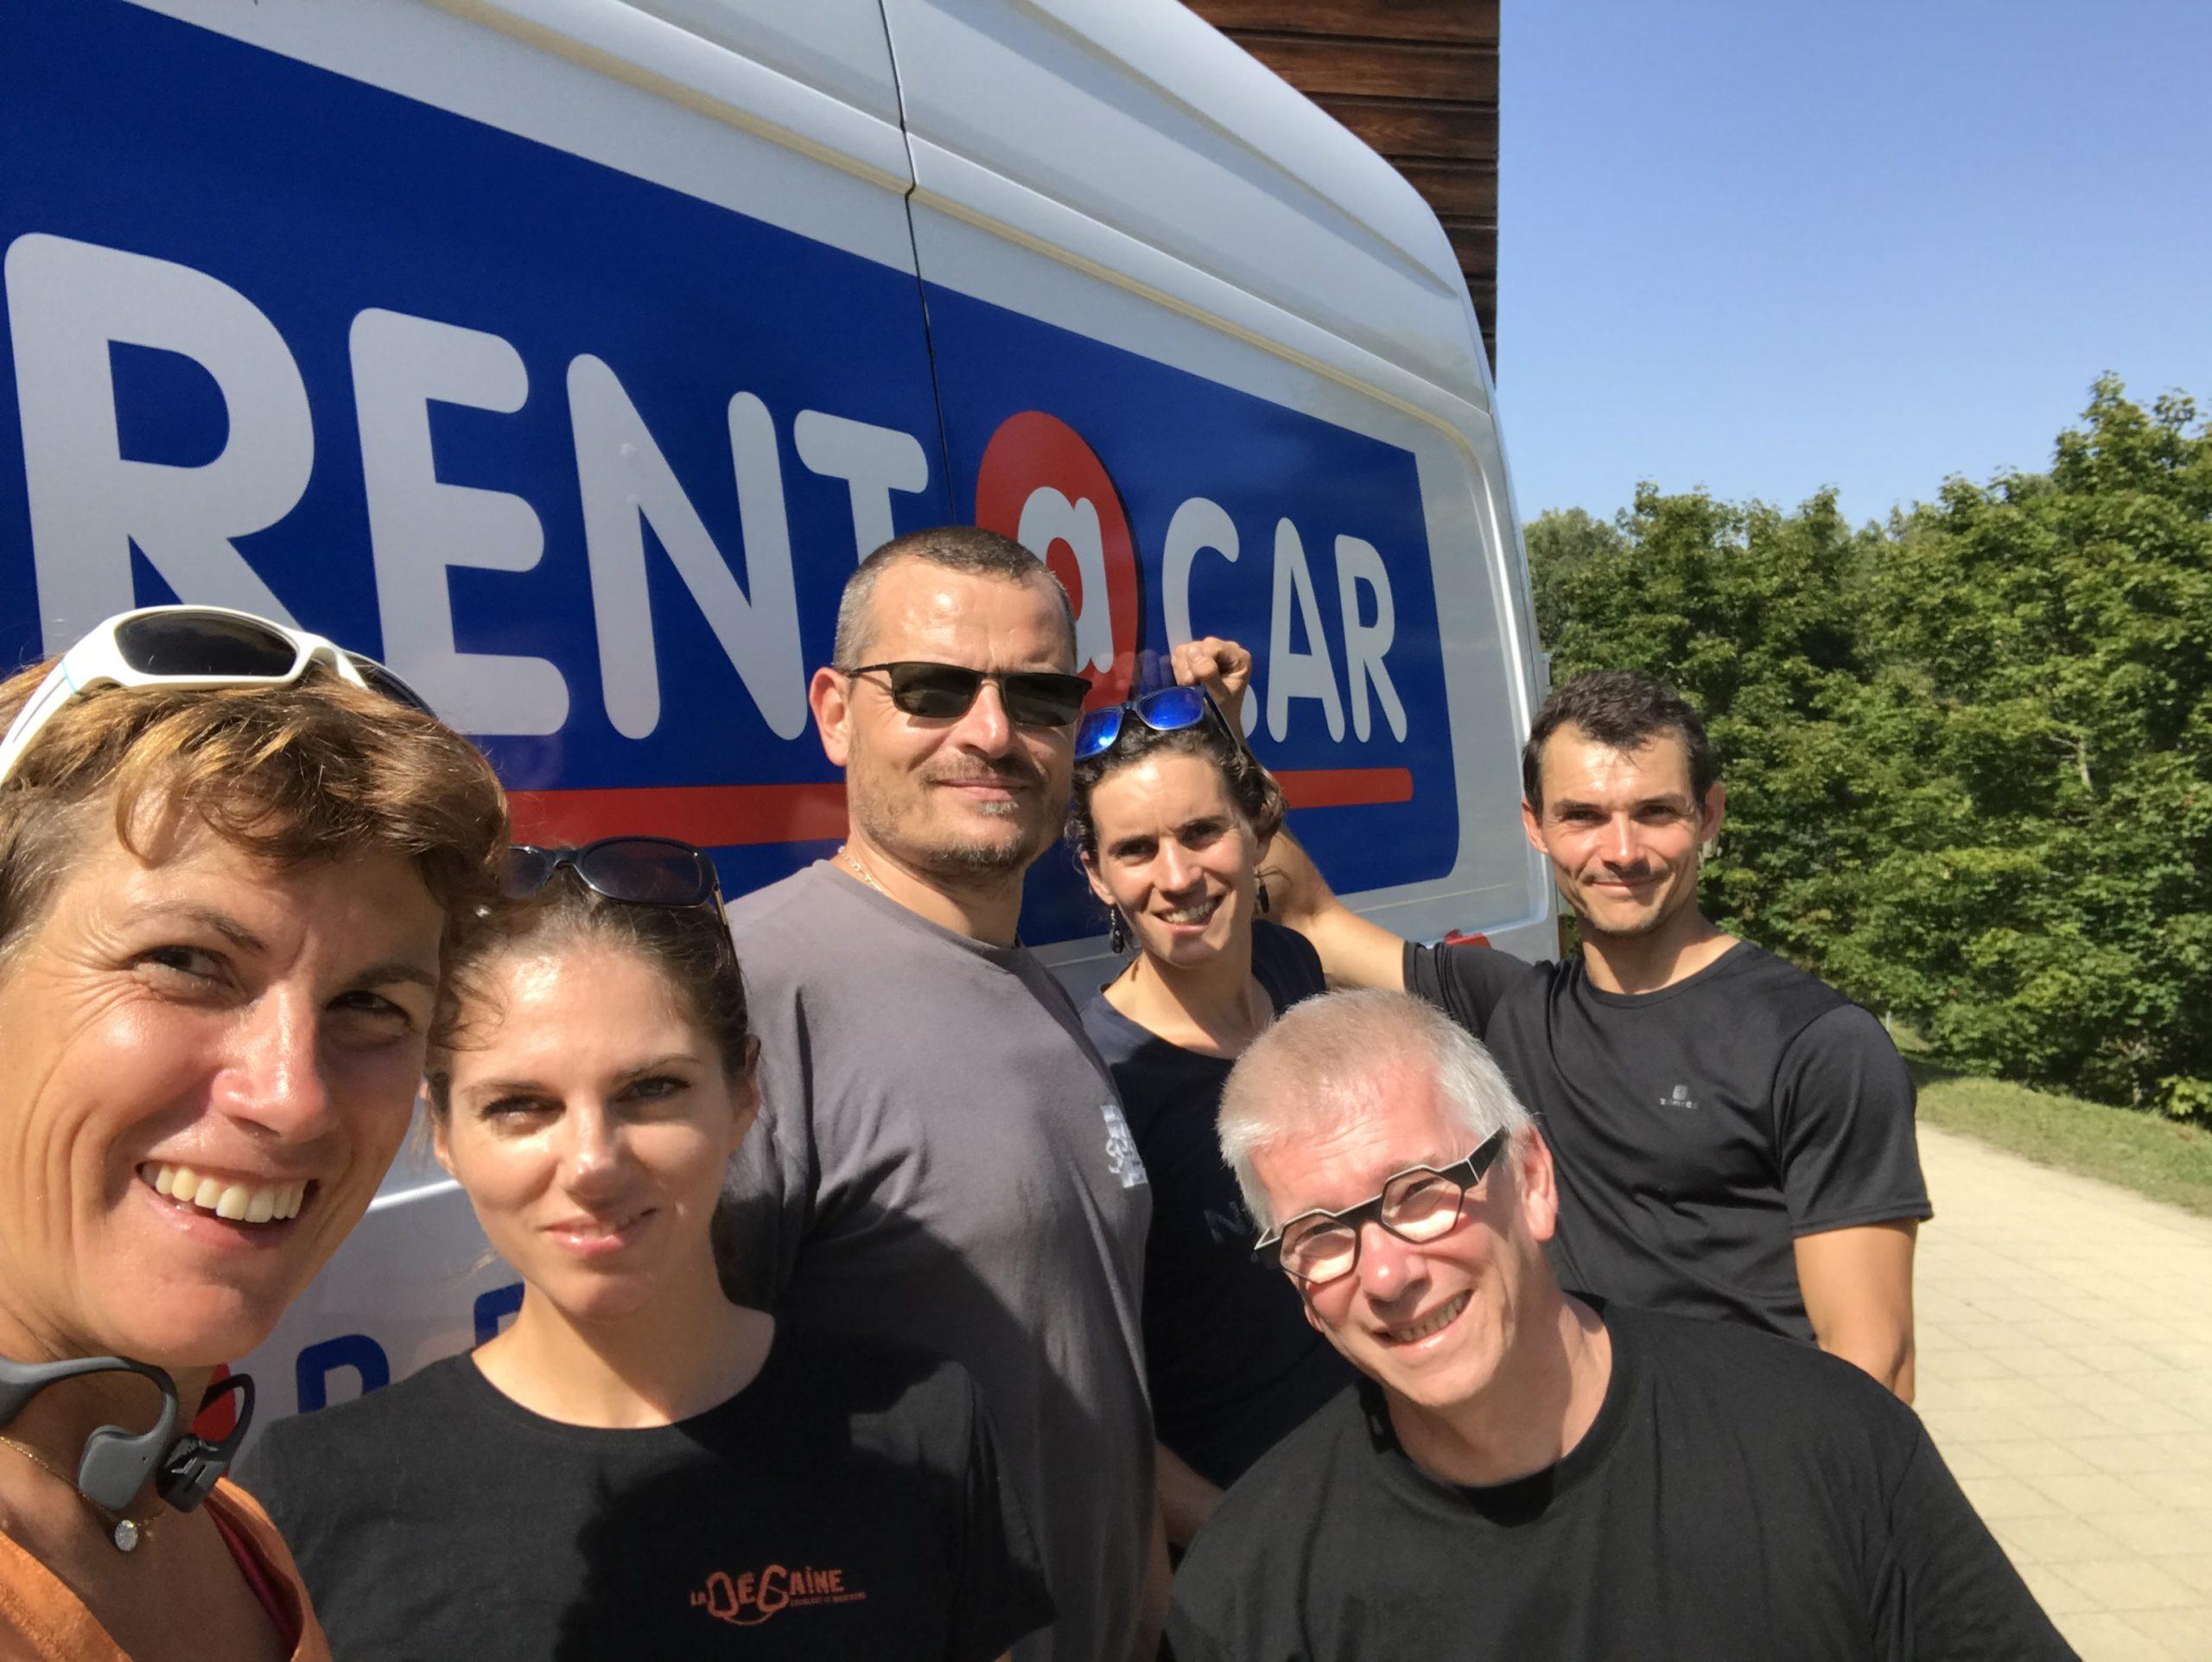 rent a car by Raoul partenaire de La Dégaine Escalade